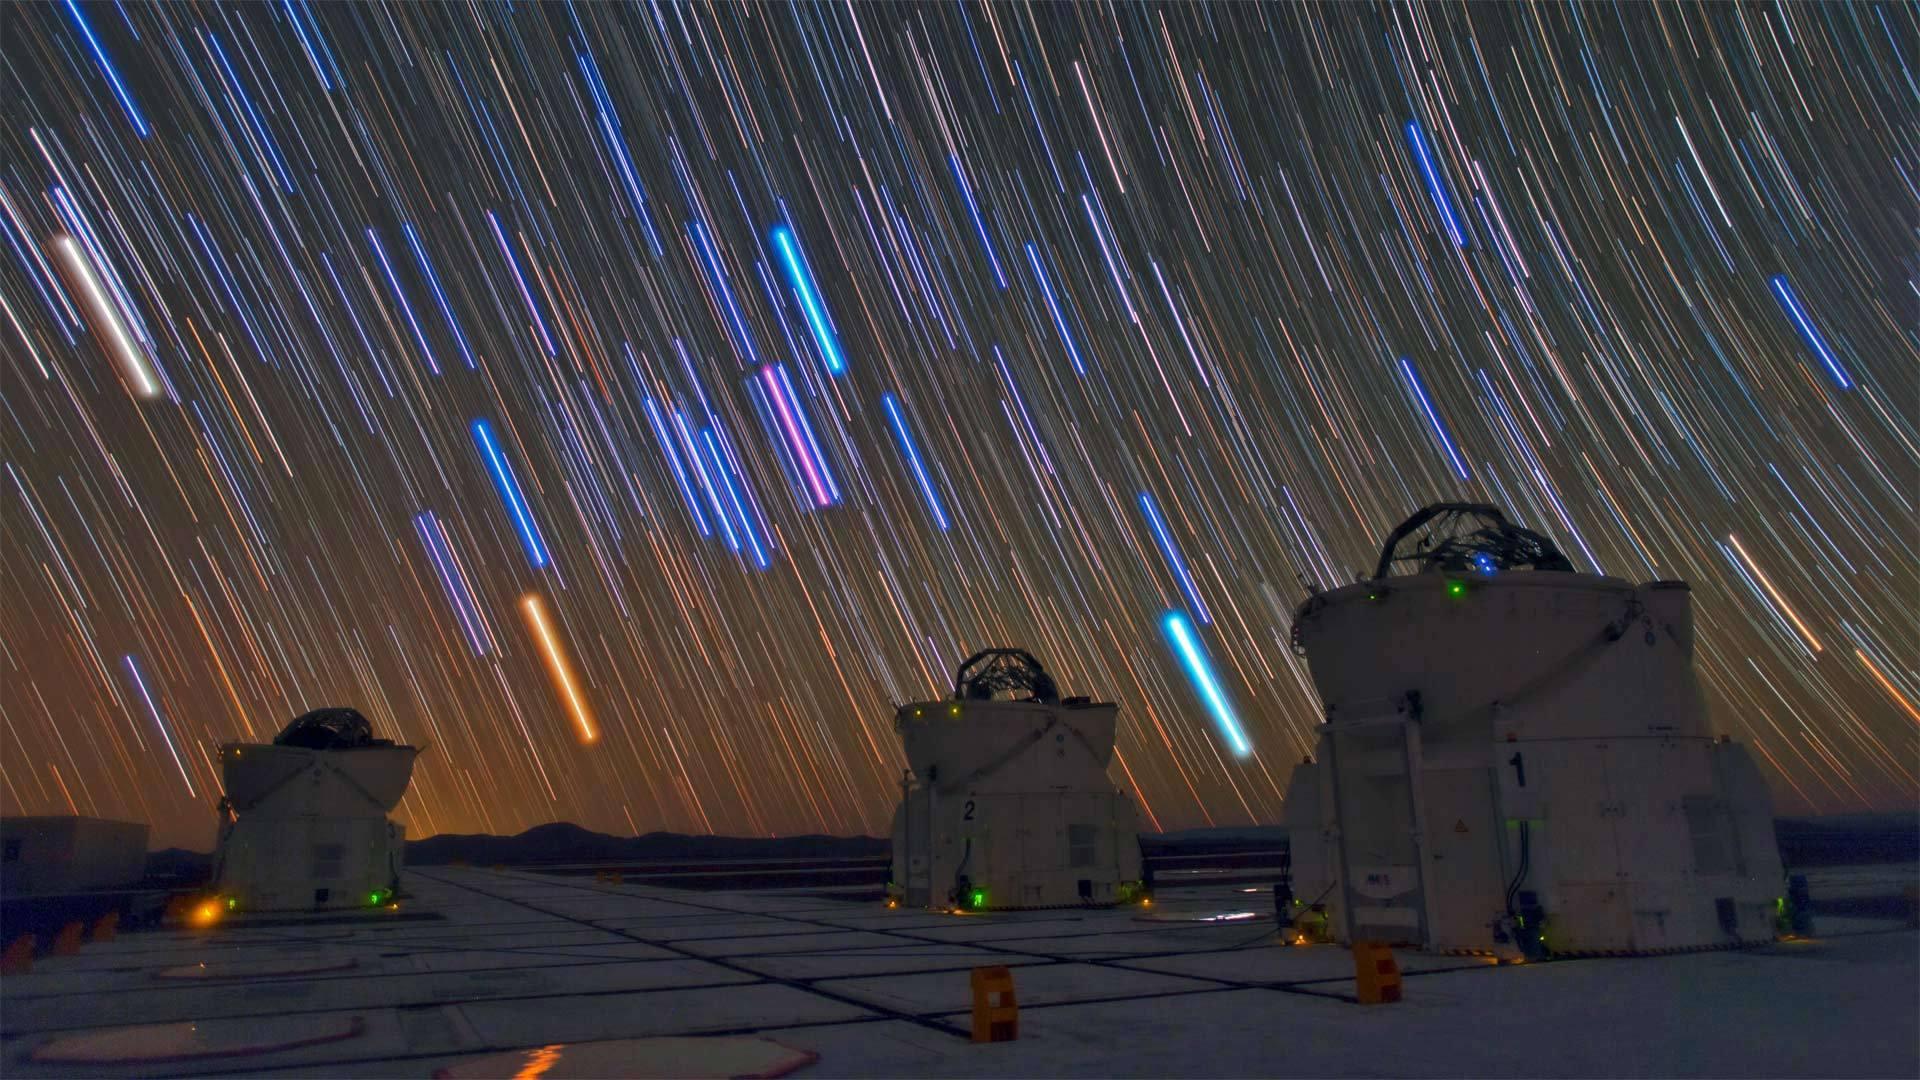 帕瑞纳天文台的望远镜和星迹帕瑞纳天文台